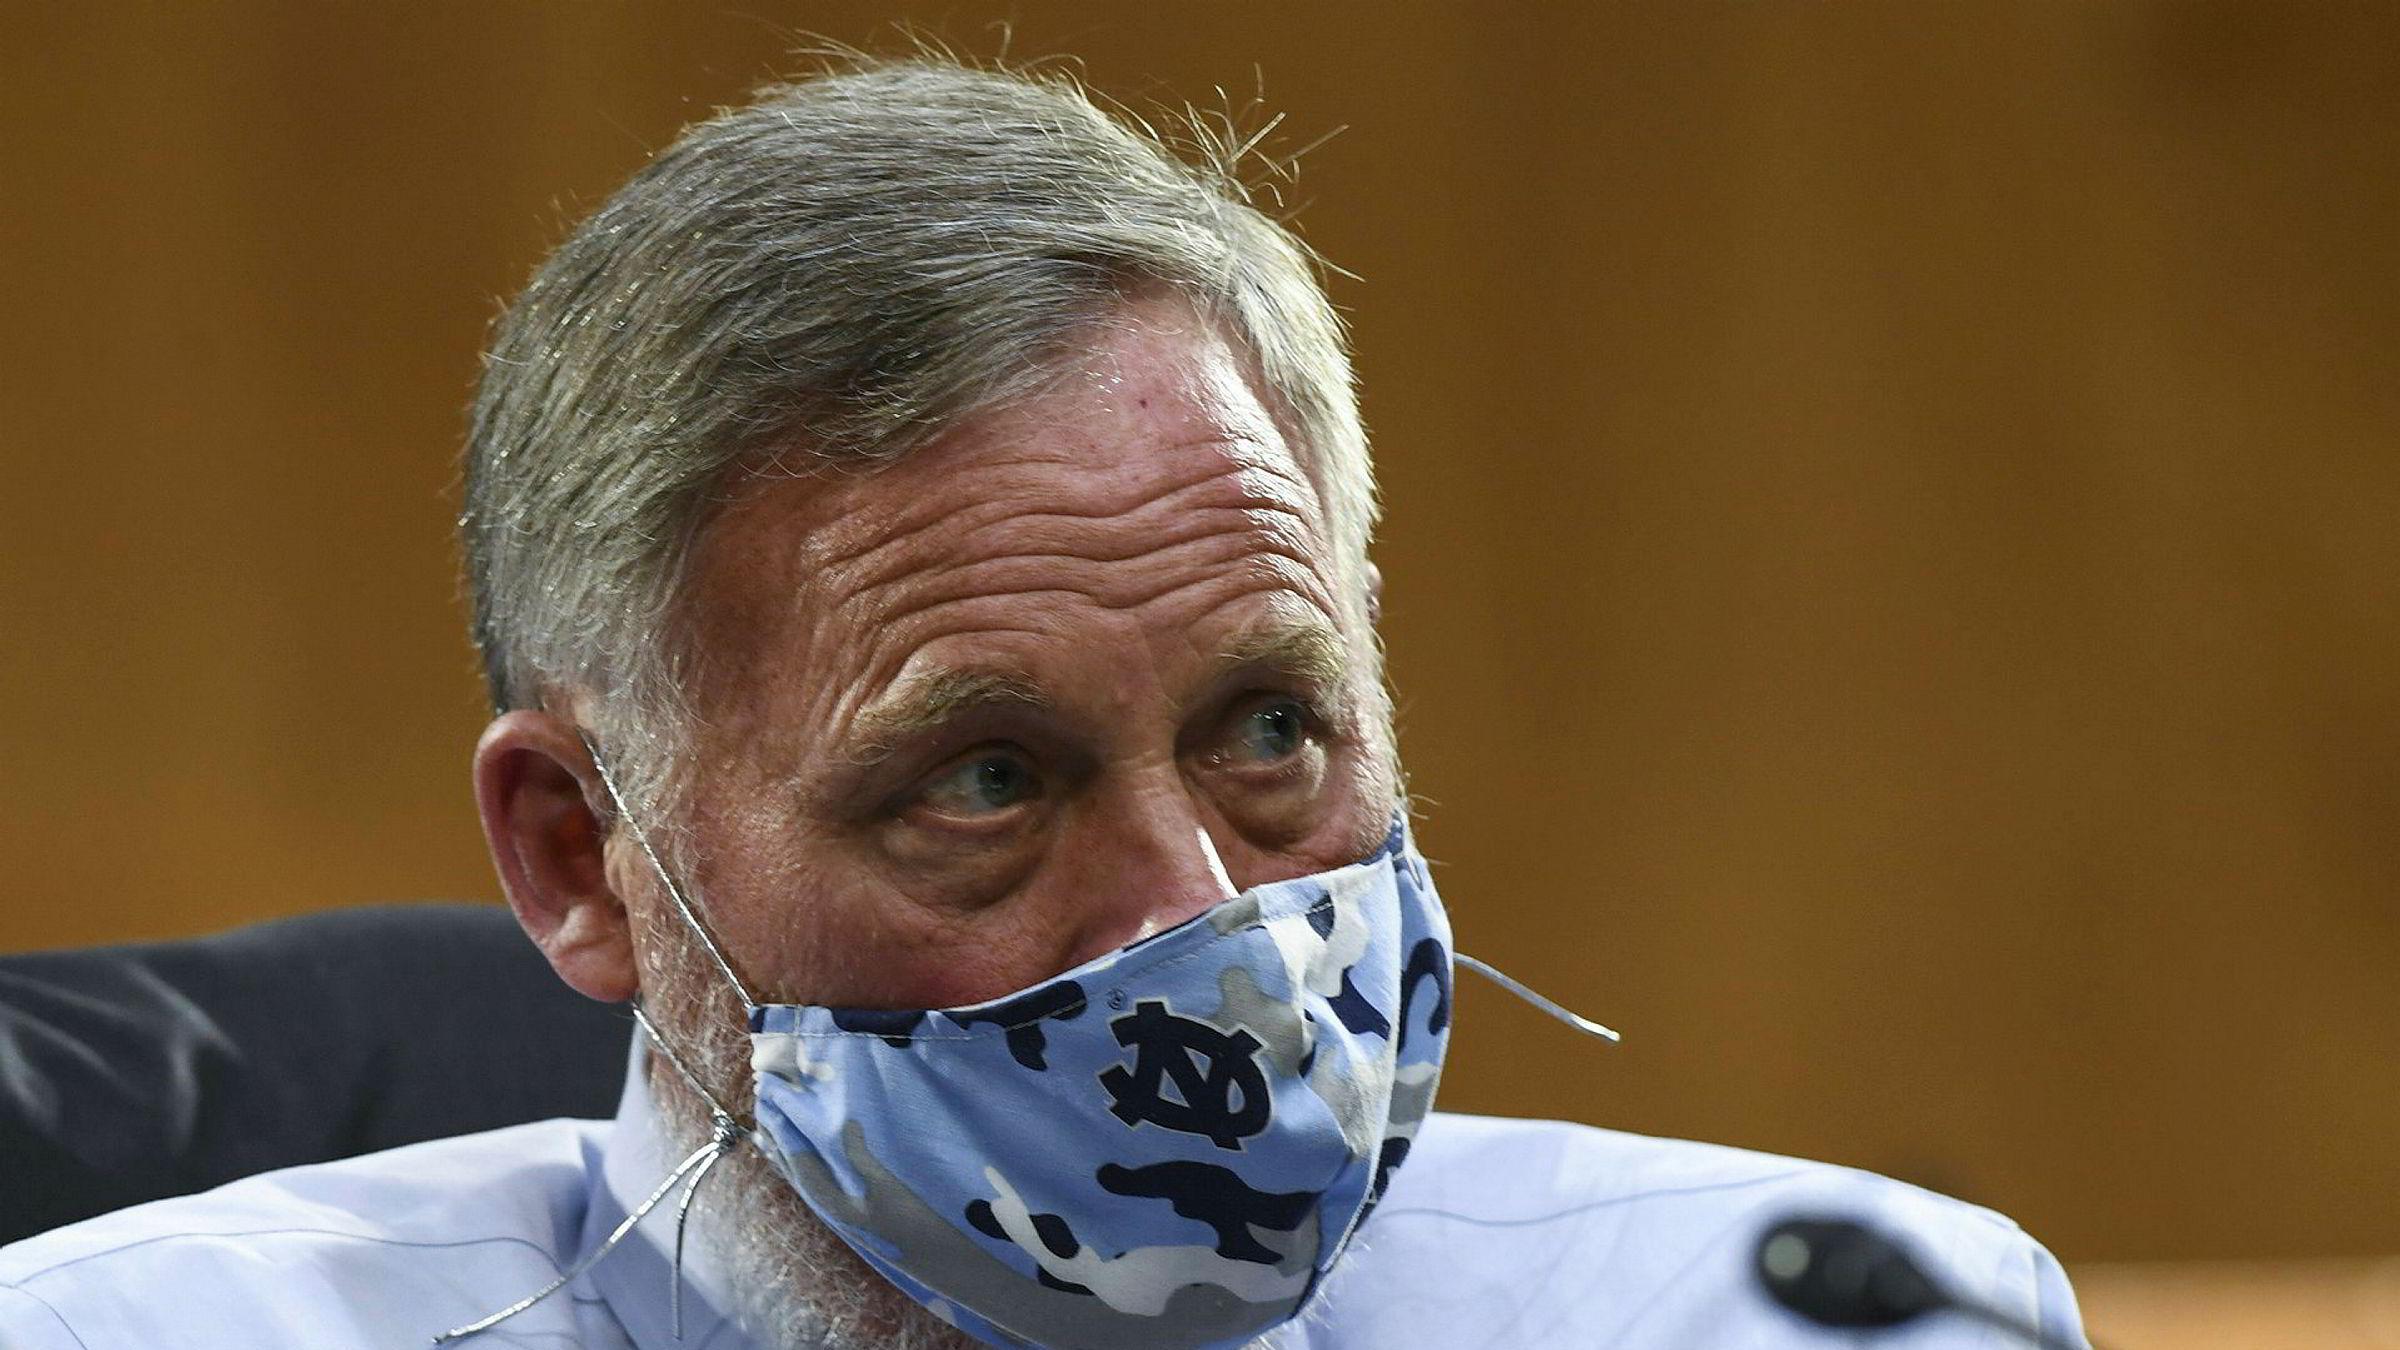 Richard Burr i senatet, her iført maske av smittevernhensyn.